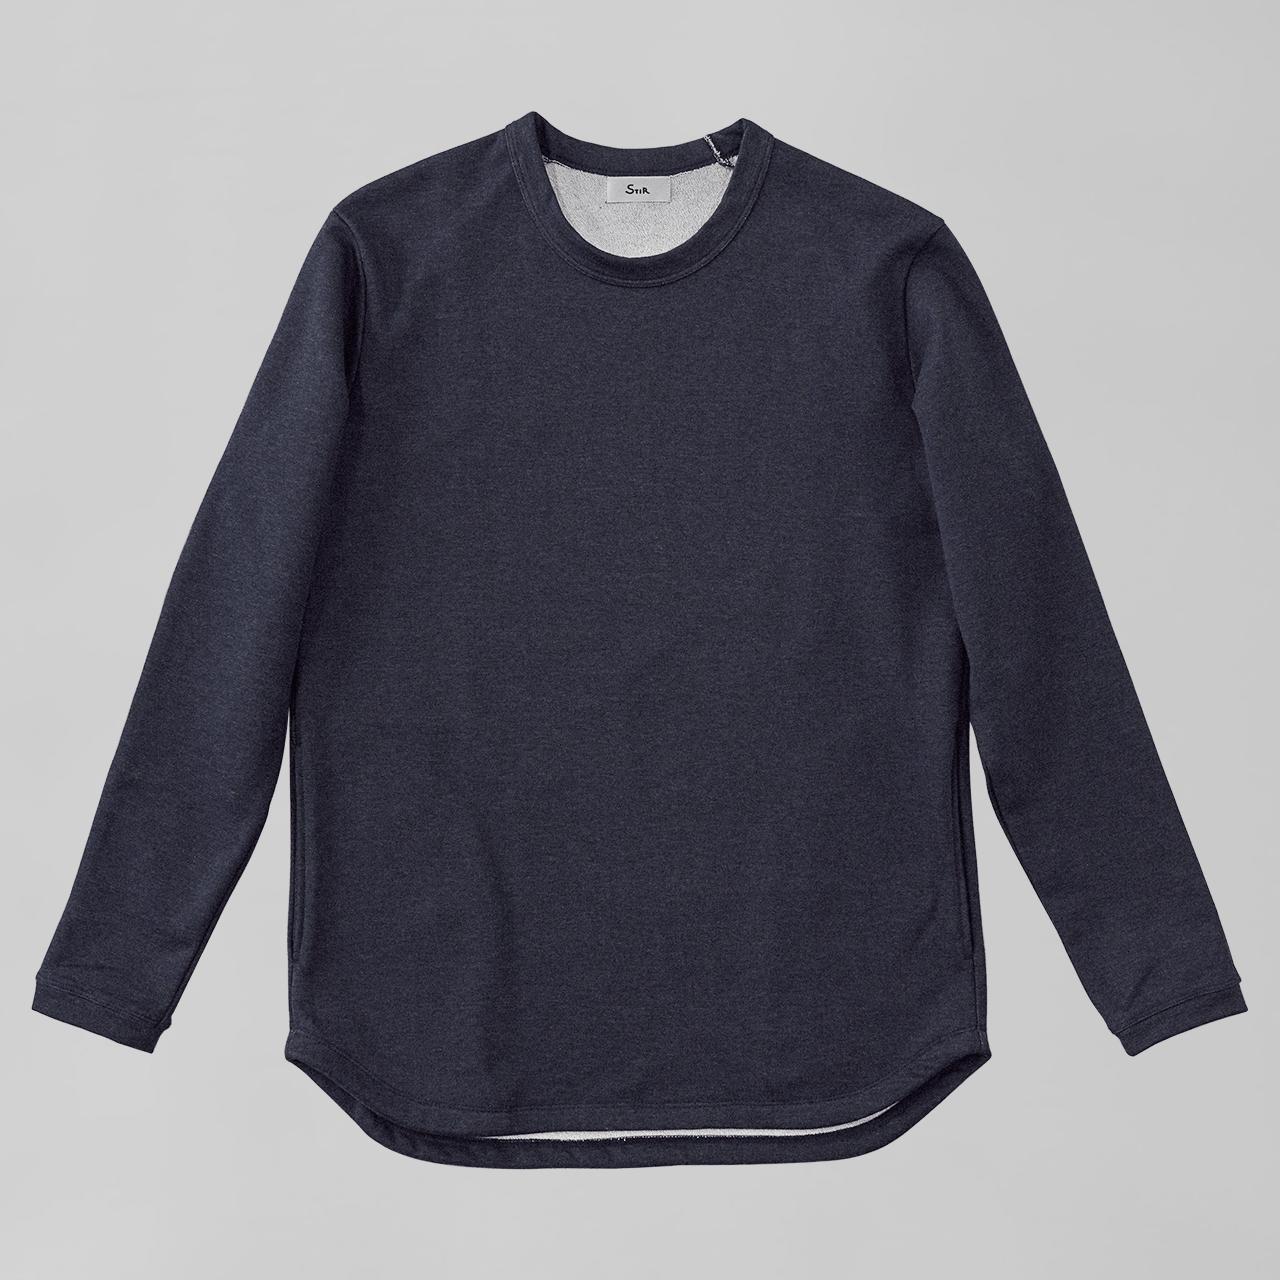 アーバンドレススウェットシャツ / Urban Dress Sweatshirt #DENIM NAVY